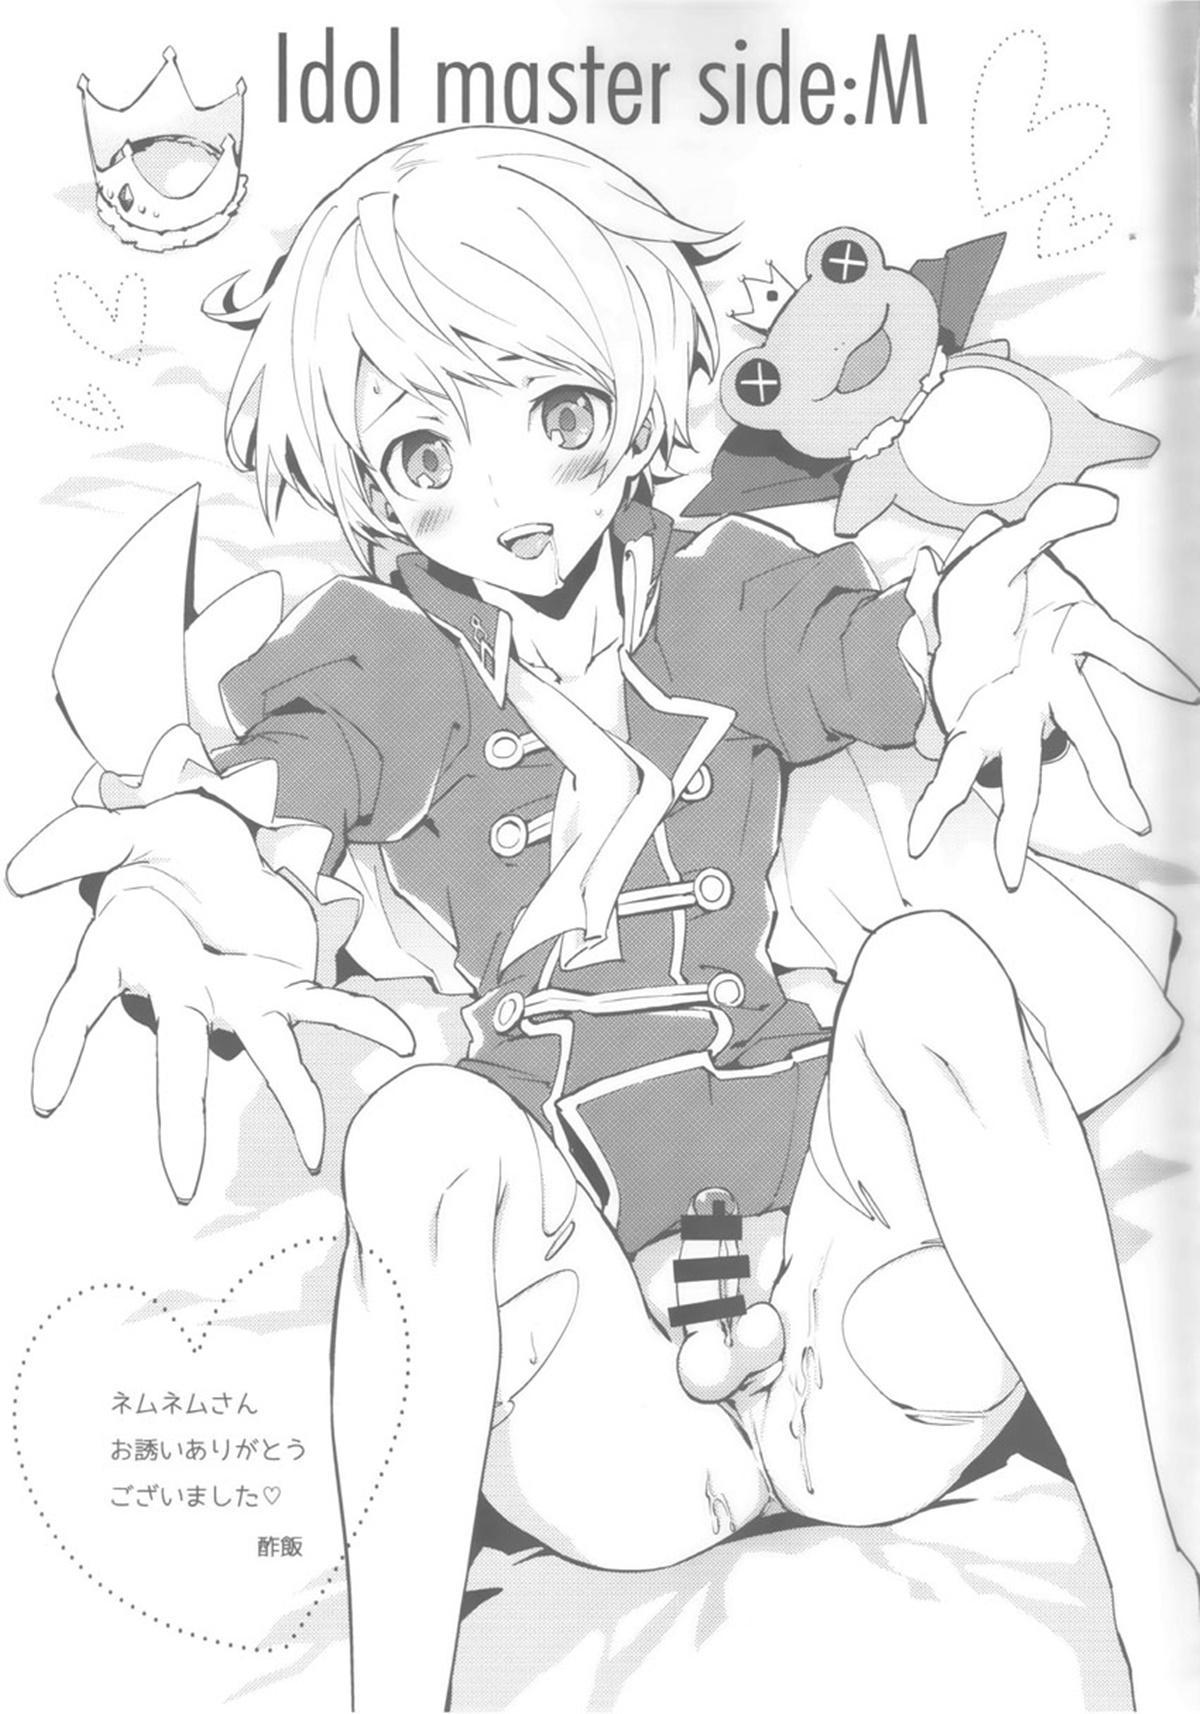 Side Otokonoko Onahole Idol